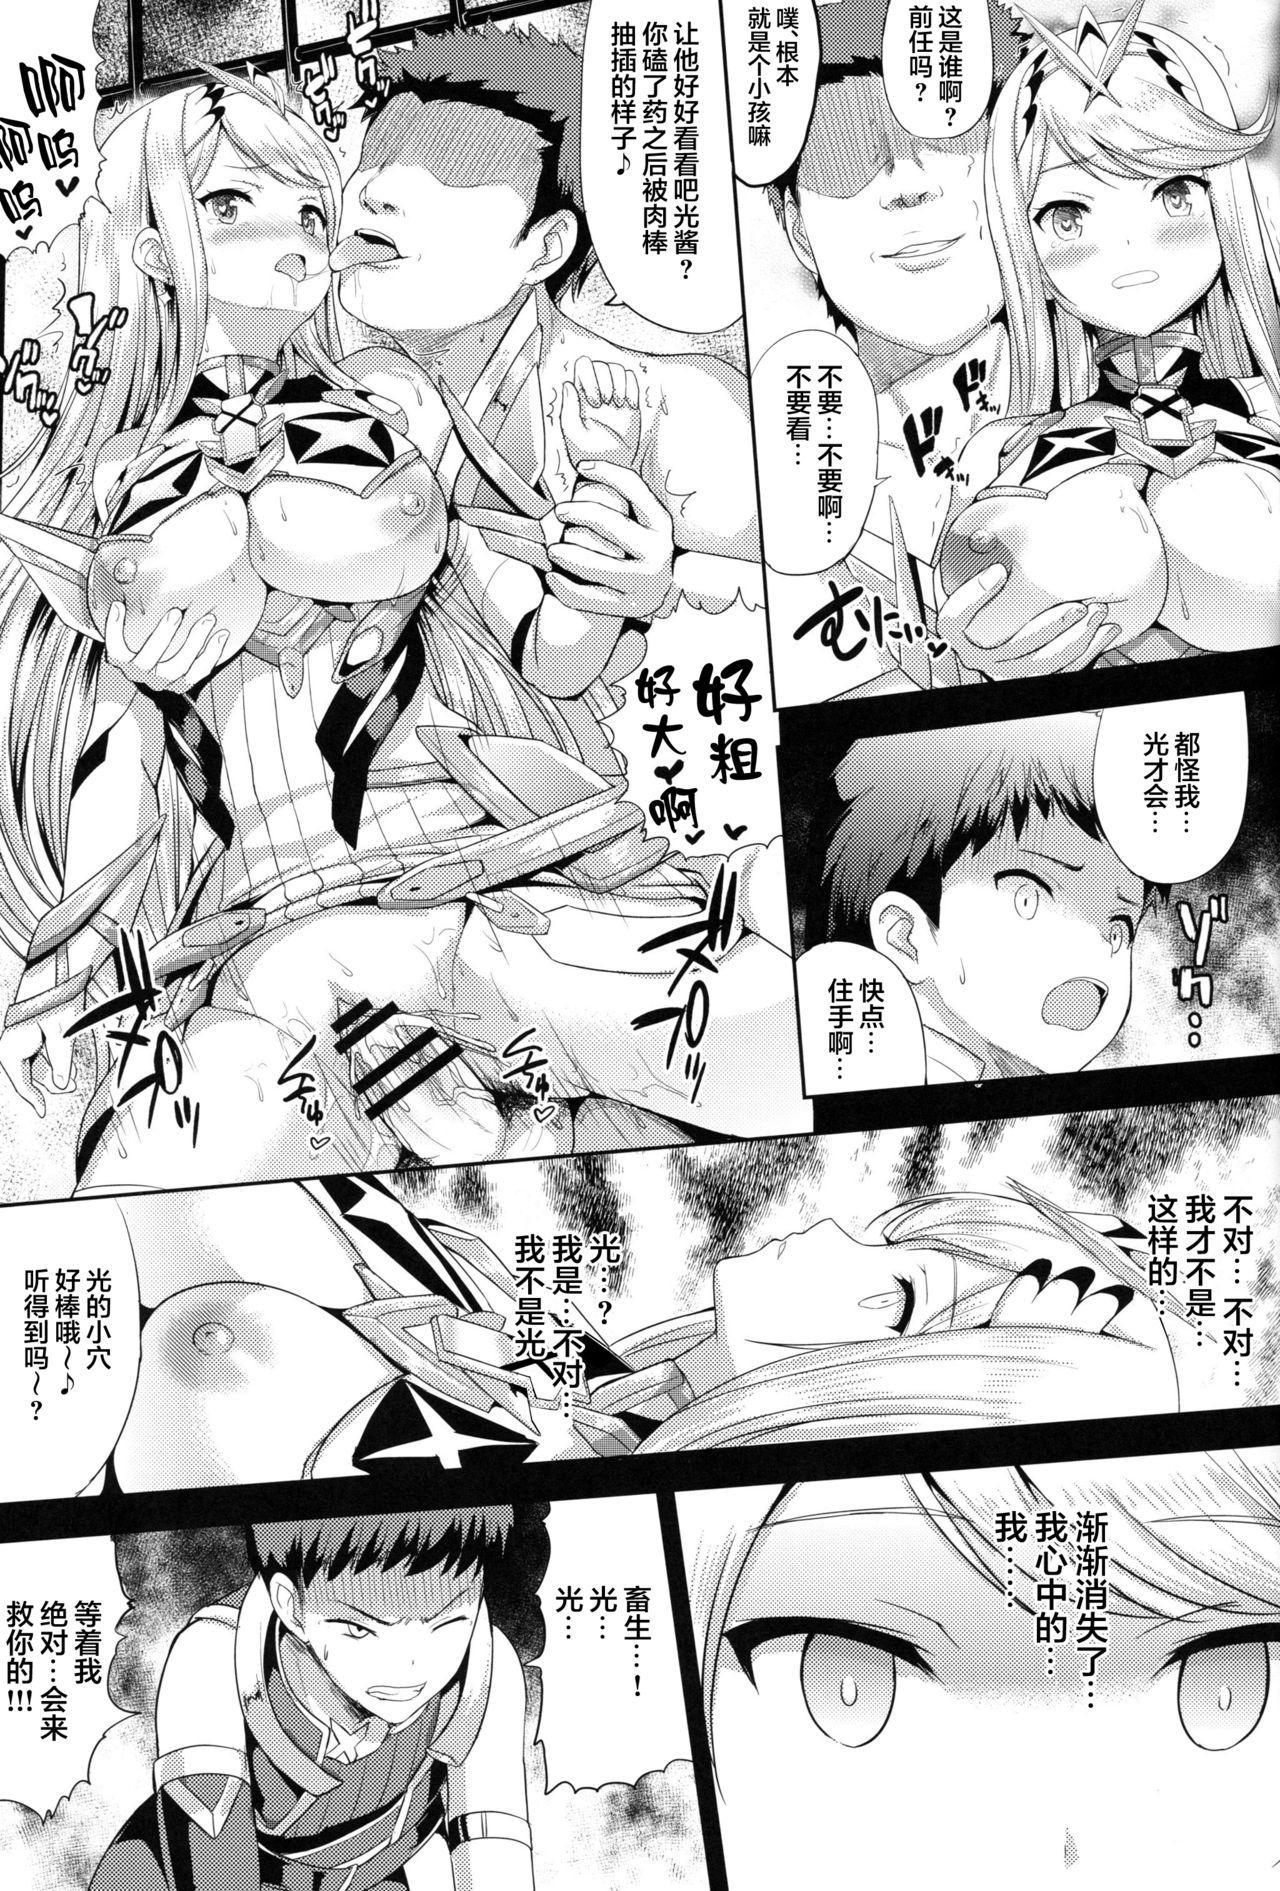 Hikari x Rape 20